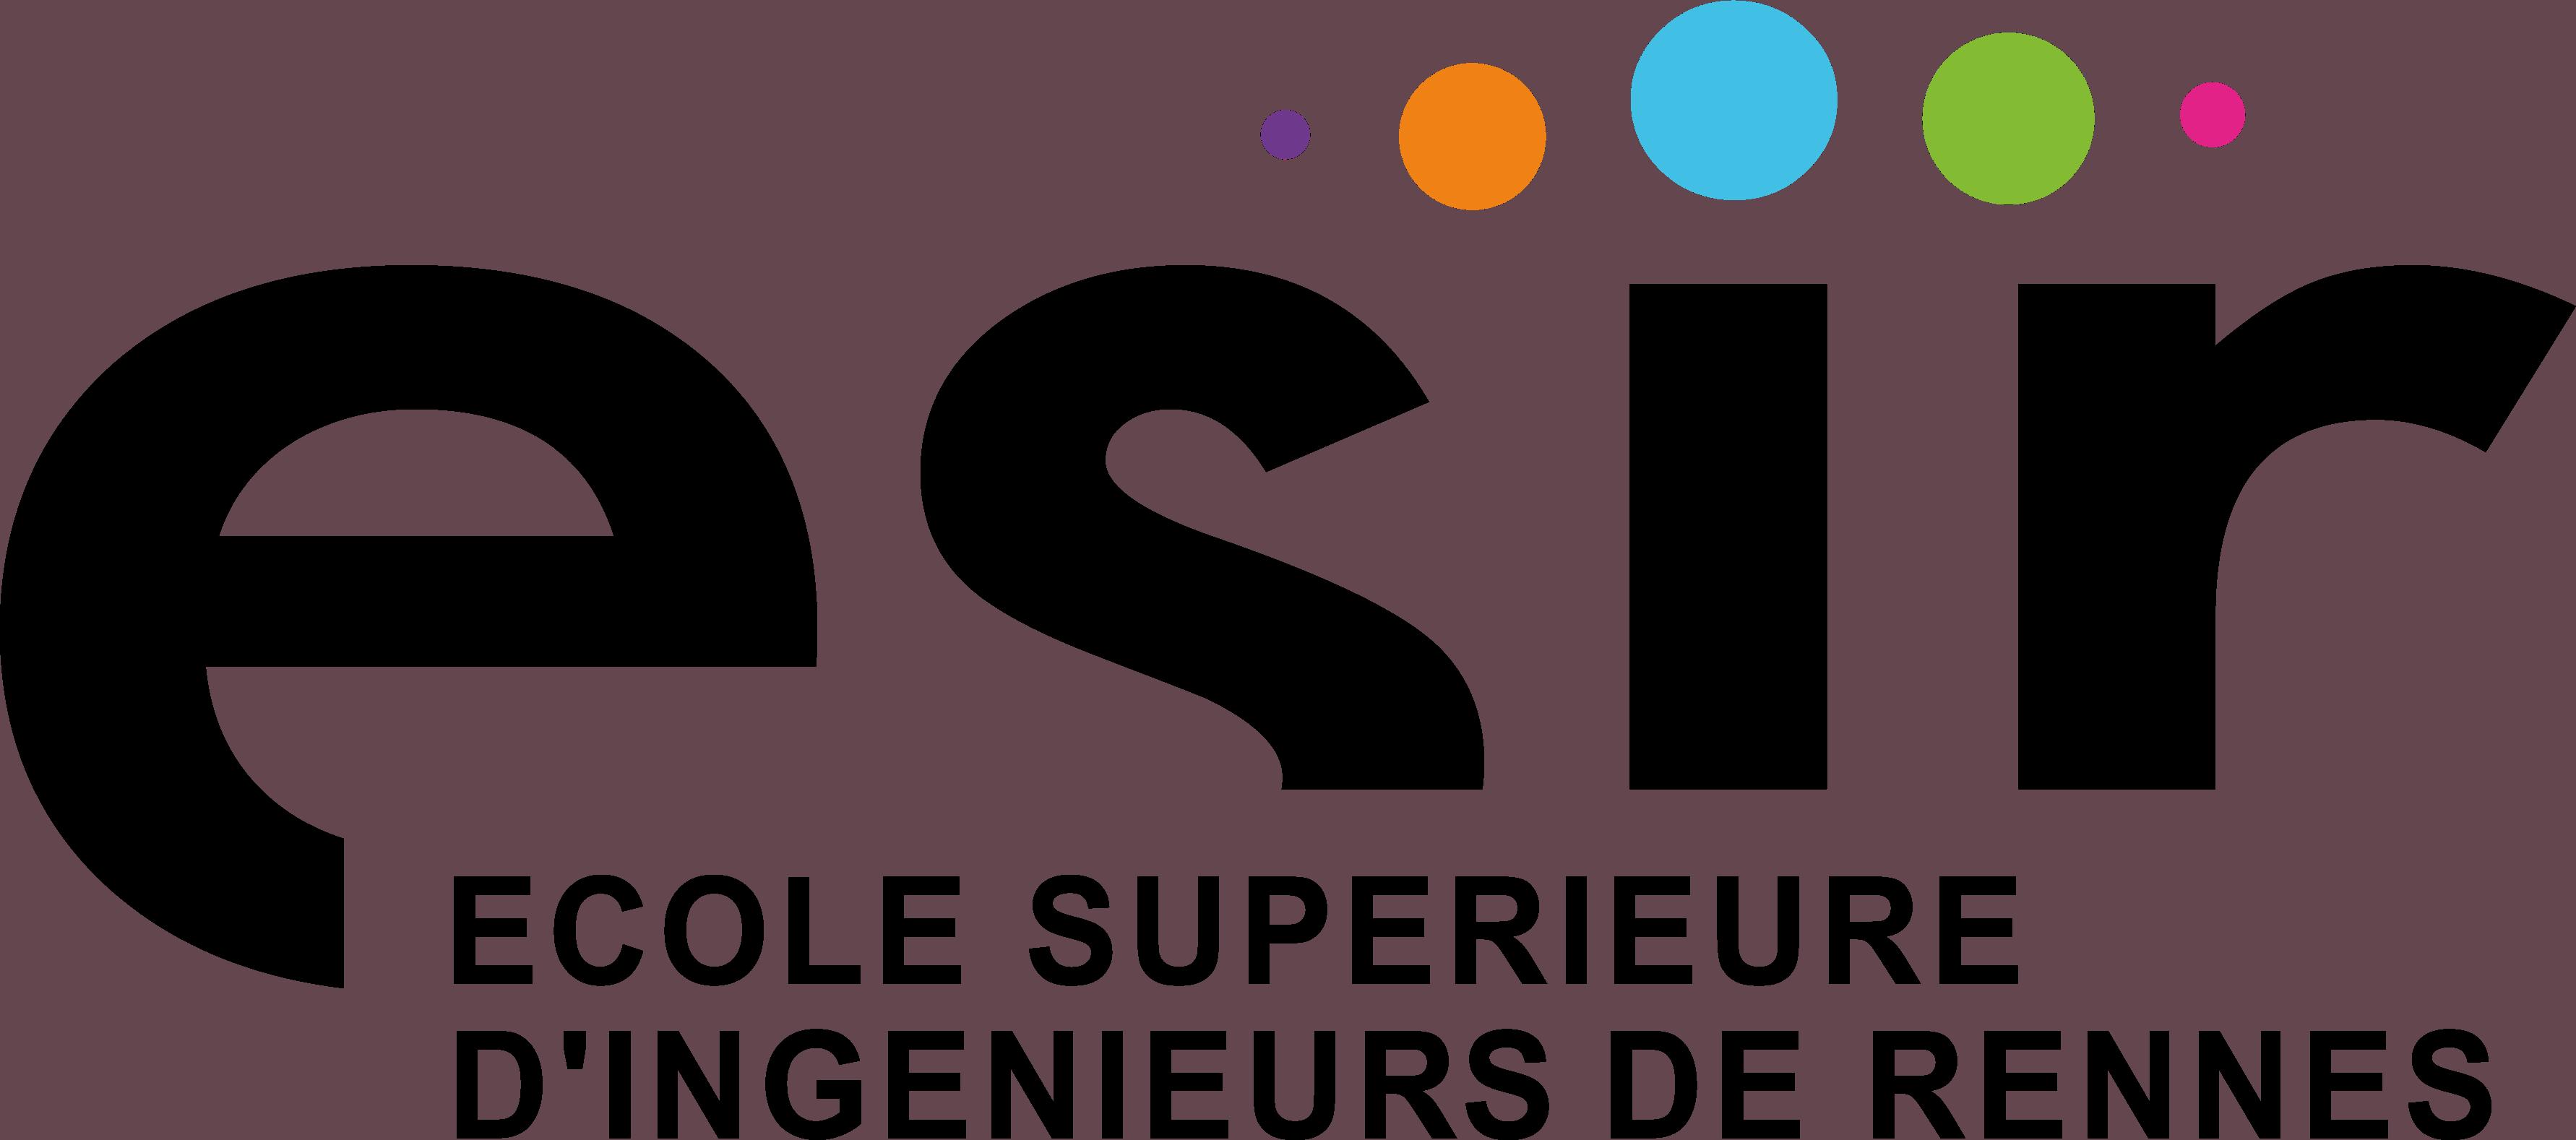 Logotype Ecole Supérieure d'Ingénieurs de Rennes